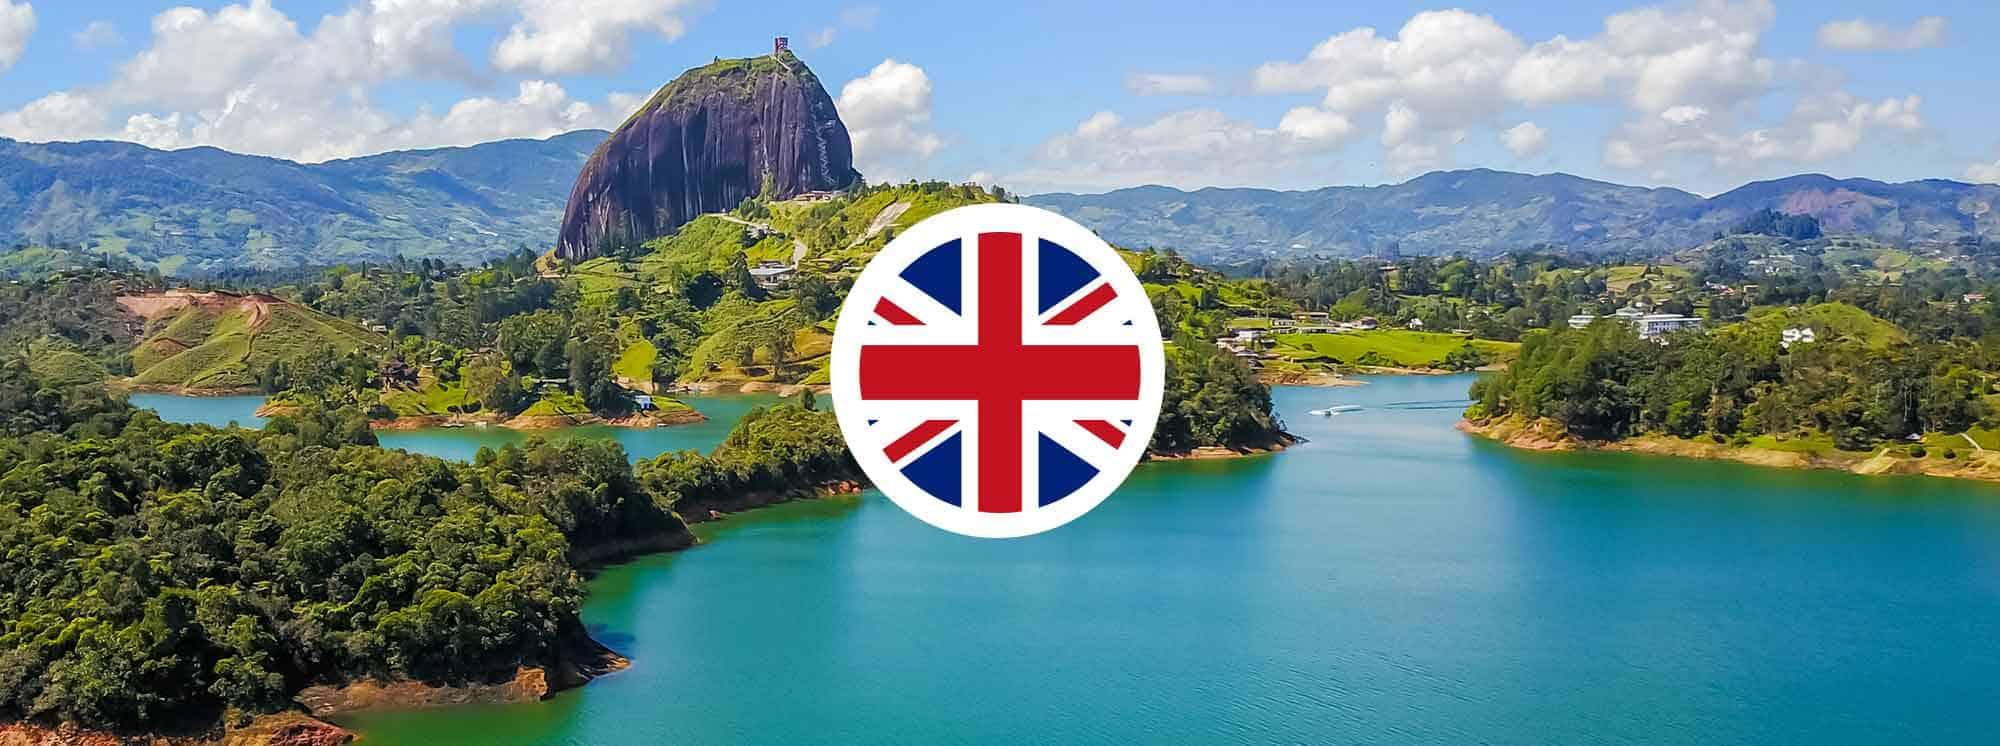 Meilleures écoles britanniques en Colombie